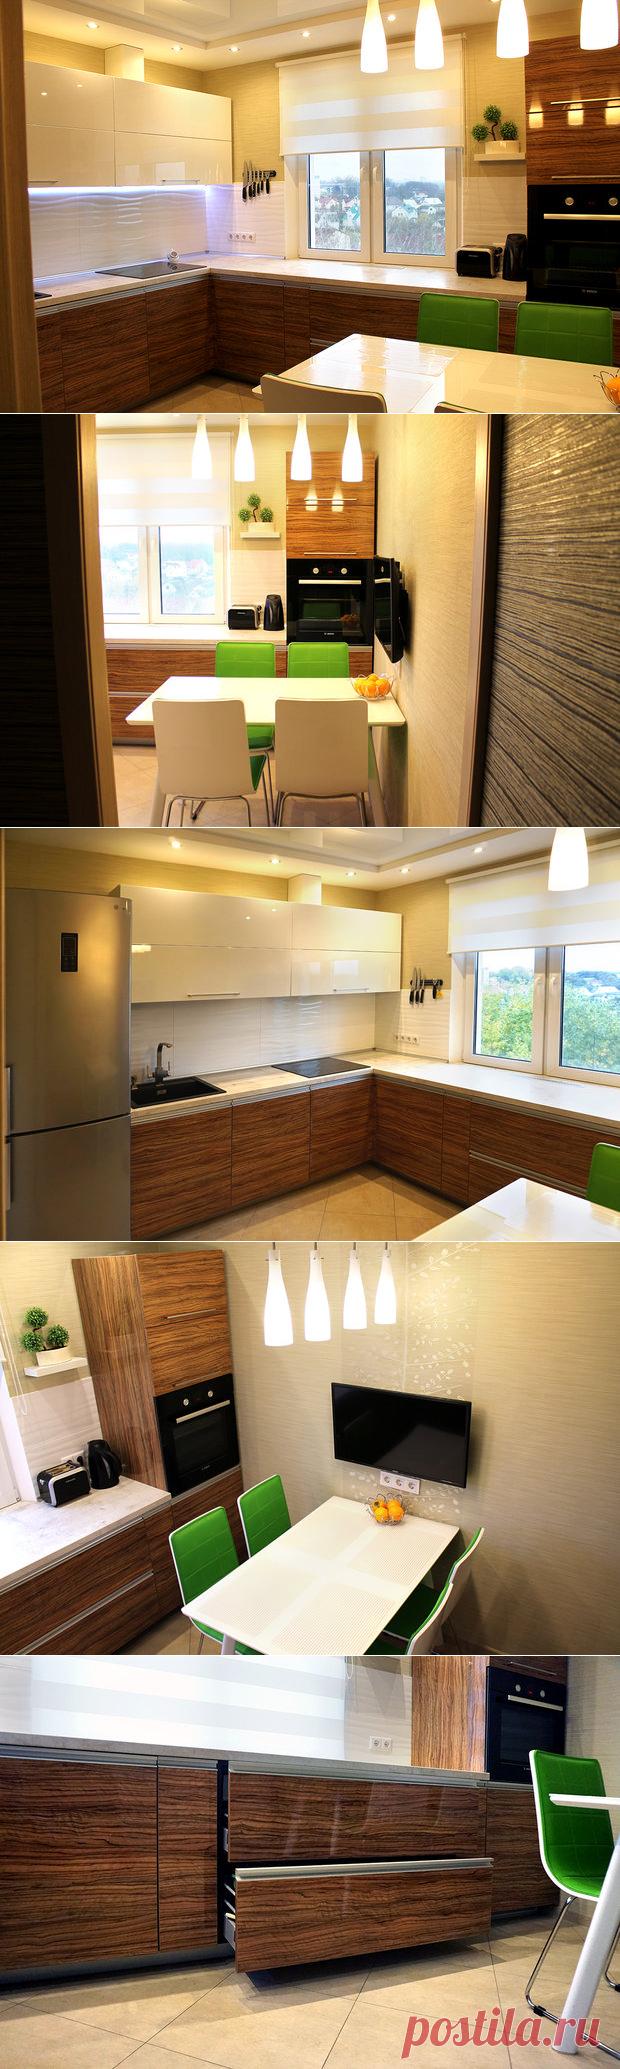 Светлая кухня со столешницей у окна — Наши дома